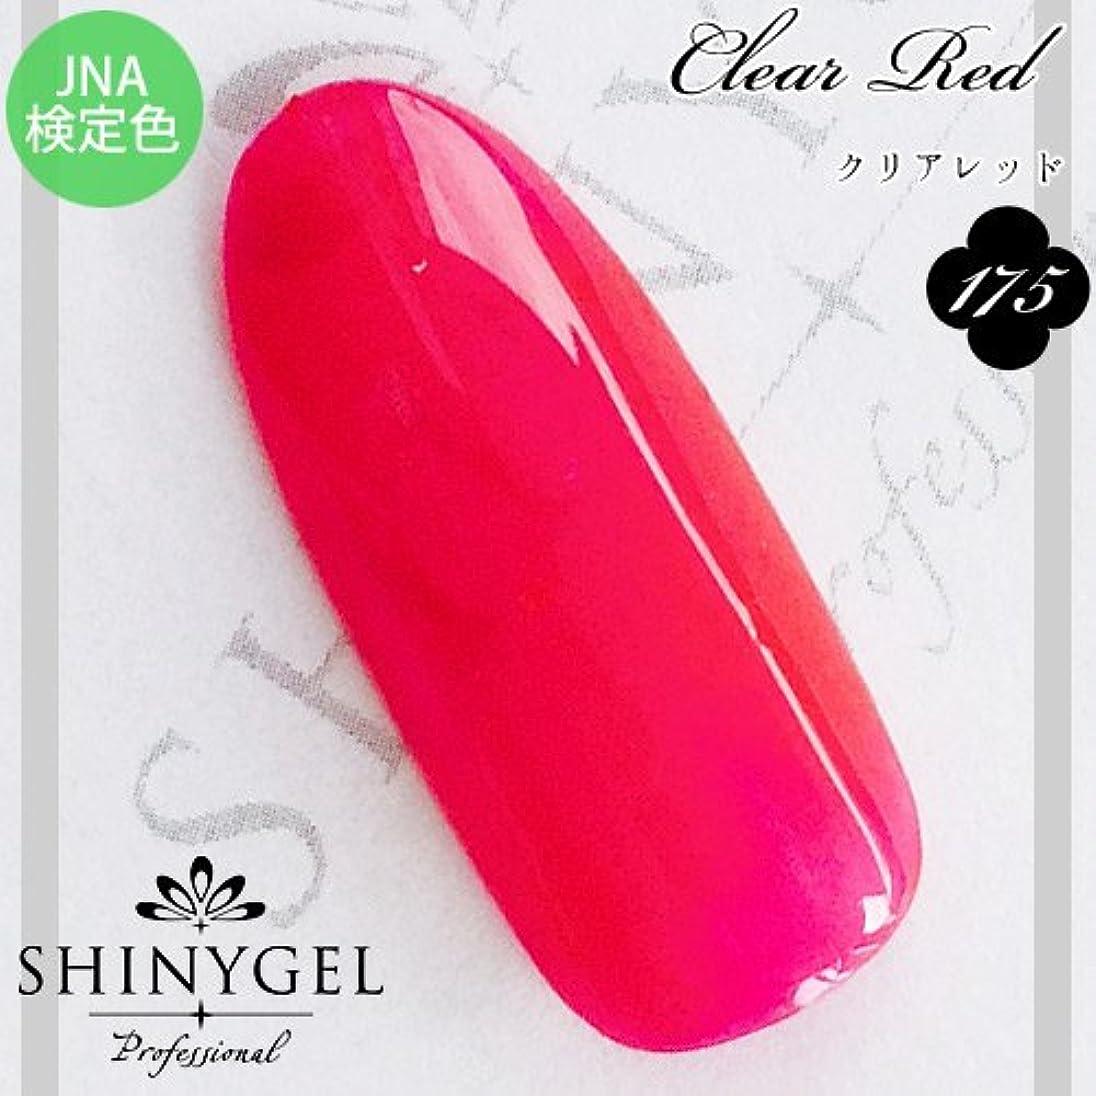 振動する切る血SHINY GEL カラージェル 175 4g クリアレッド JNA検定色 UV/LED対応